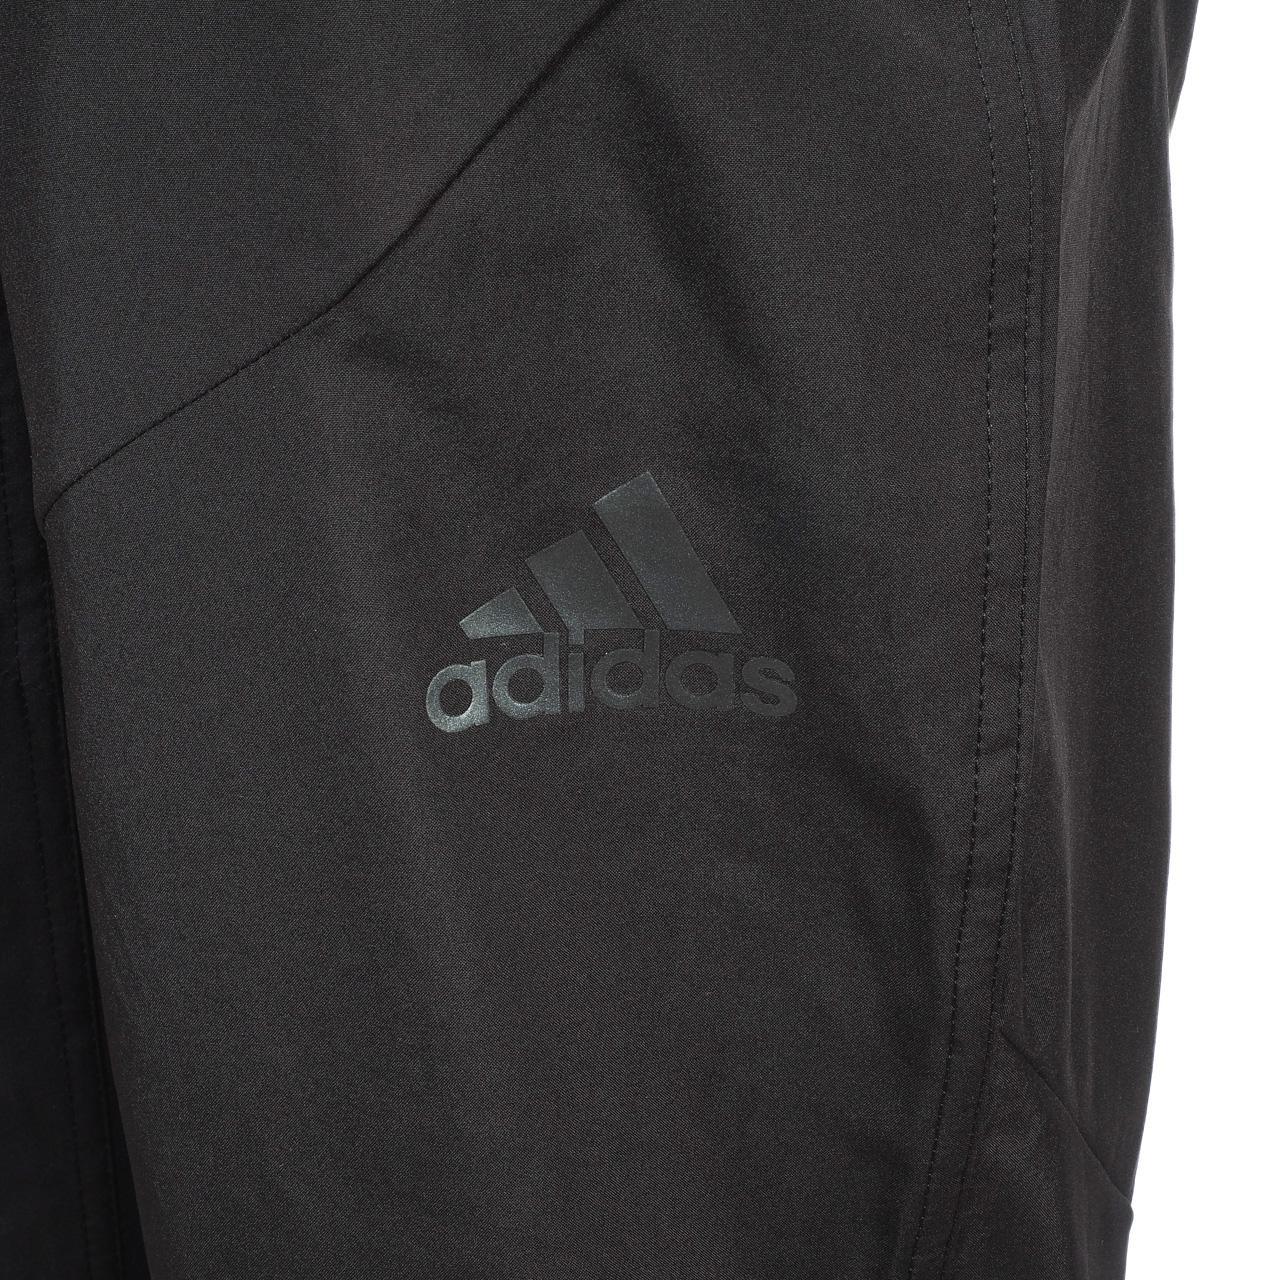 Trainingshose-Adidas-wo-Pa-Ccool-Wv-Schwarz-Schwarz-46540-Neu Indexbild 3